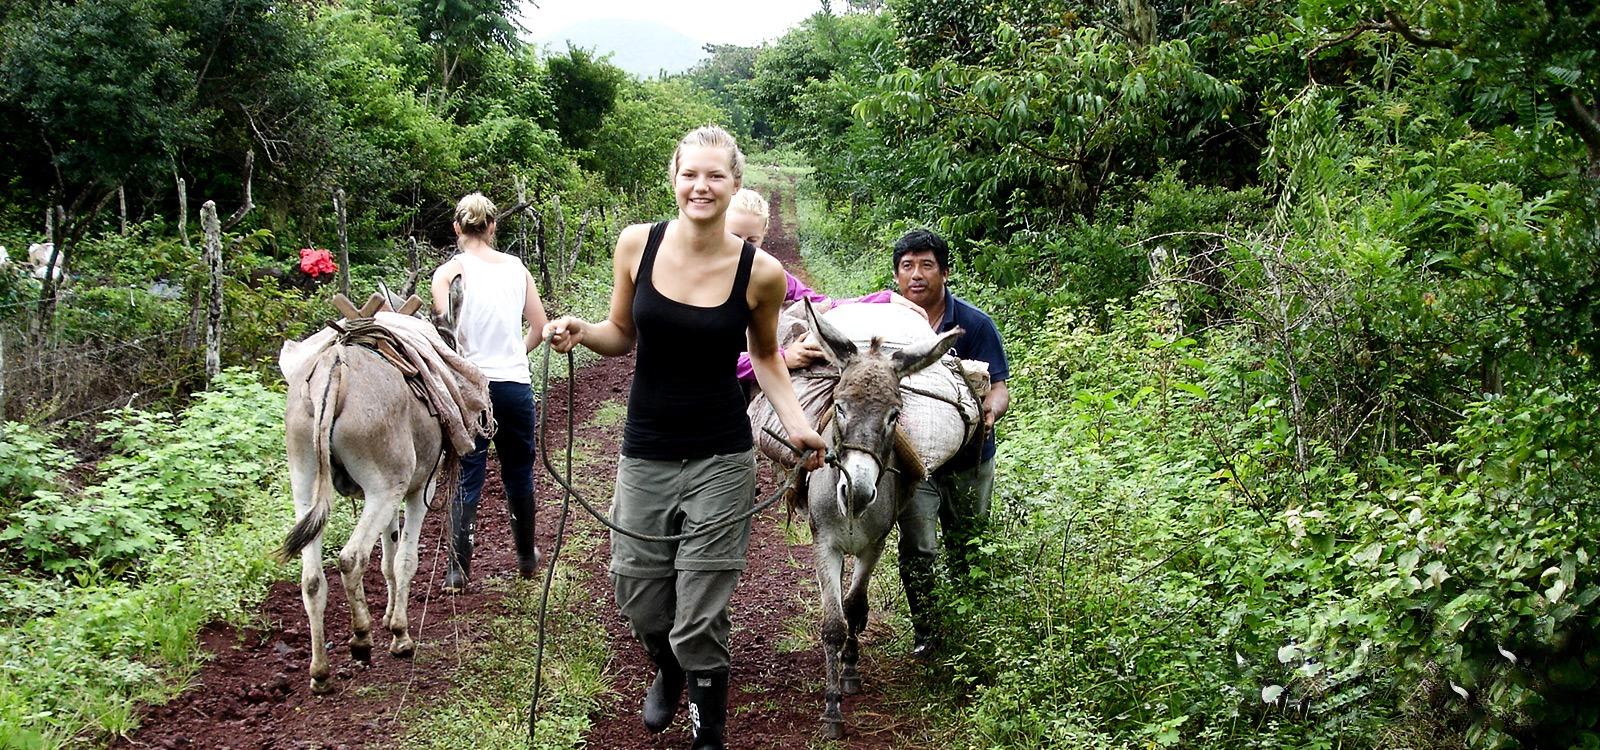 Yunguillas community